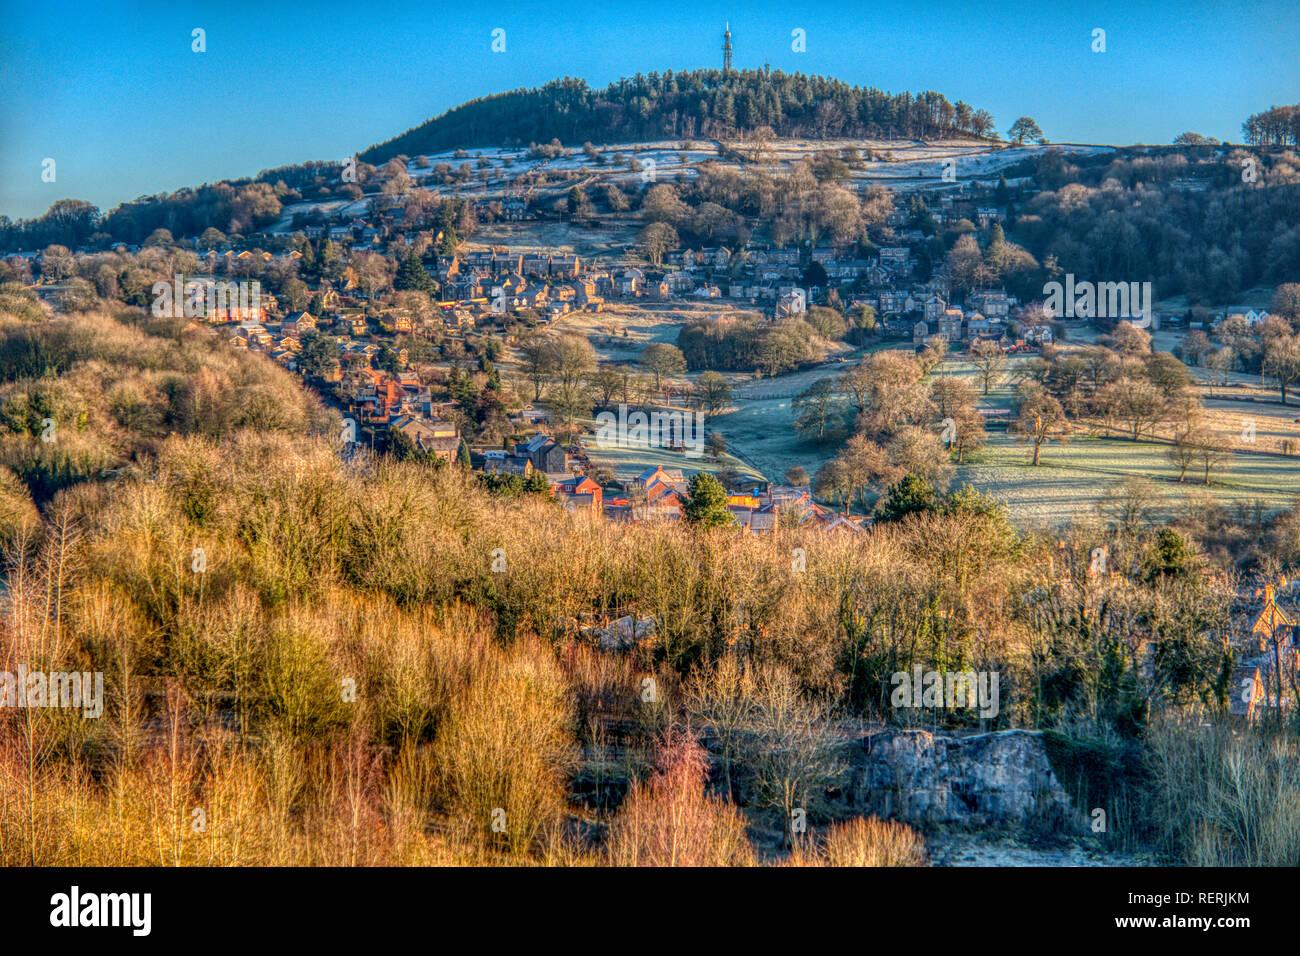 Bolehill, Derbyshire Dales. 23 Jan 2019. Météo France: une mince couche de neige sur un matin froid plus Bolehill, Derbyshire Dales, Peak District de: Doug Blane/Alamy Live News Banque D'Images